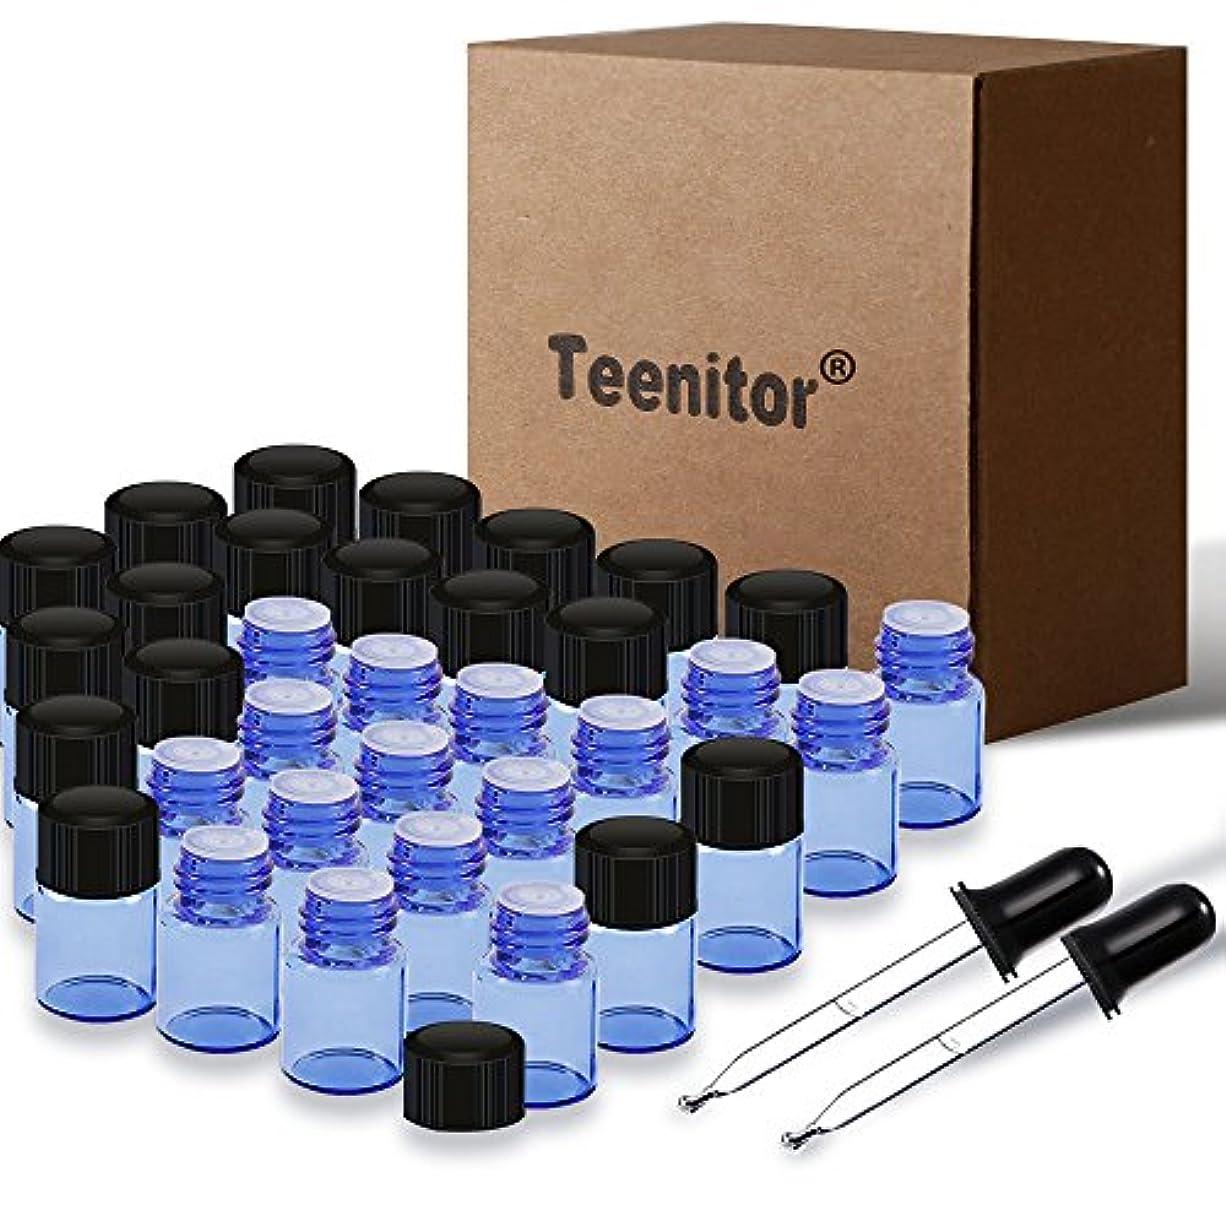 Teenitor 精油小分け 遮光瓶 2ml 36本セット 遮光ガラス瓶 スポイト付け 遮光ビン アロマ保存容器 アロマオイル瓶 香水瓶 化粧水瓶 青色